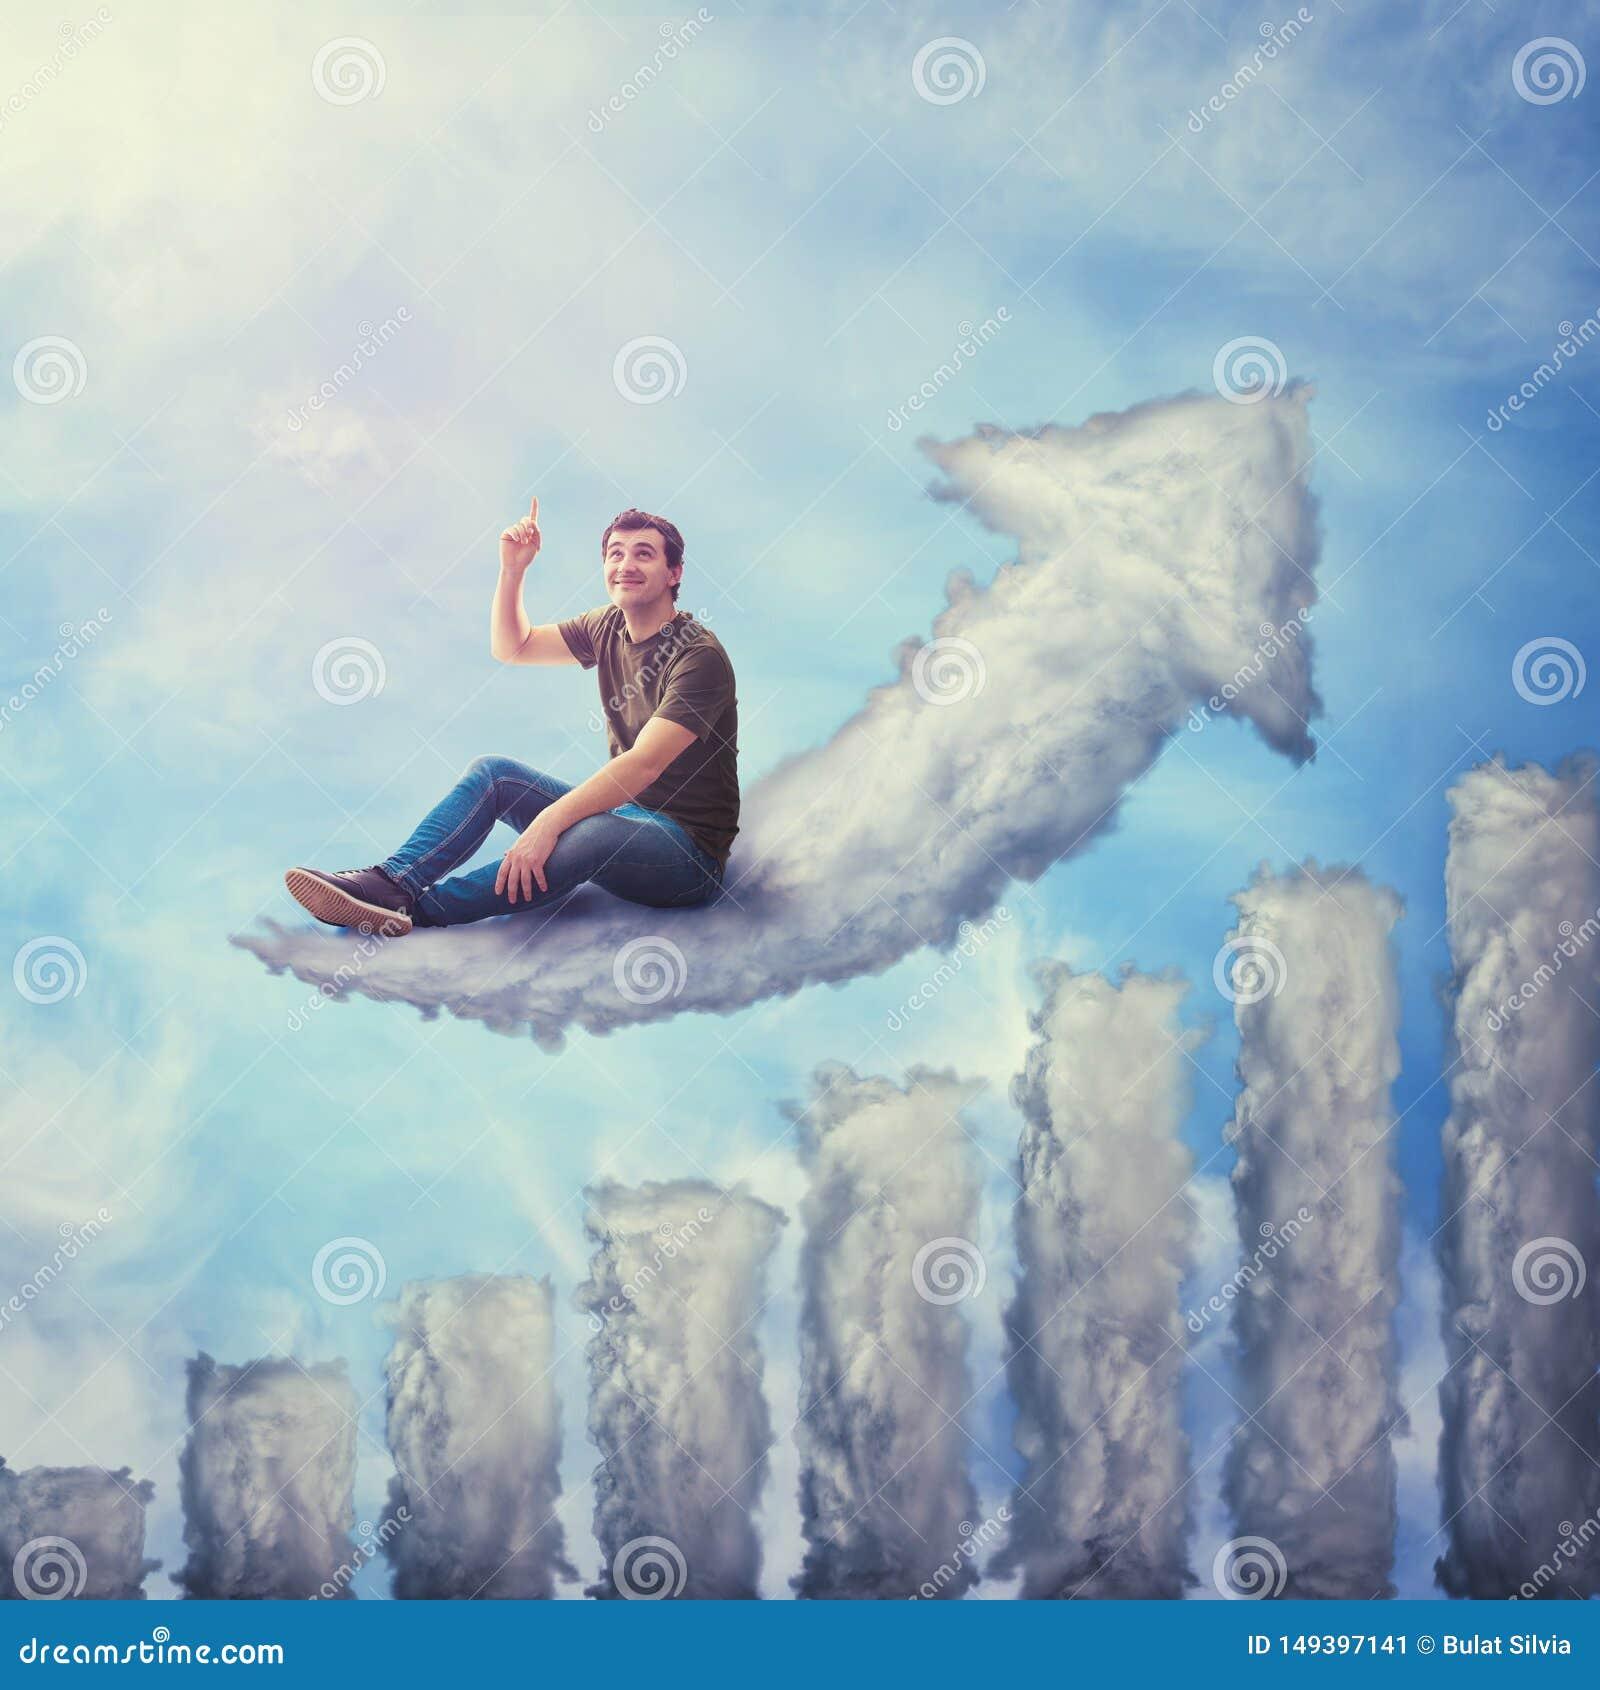 Έννοια φαντασίας ως συγκινημένο τύπο που κάθεται σε ένα σύννεφο που διαμορφώνεται ως αυξανόμενη γραφική παράσταση, ανατρέχοντας κ